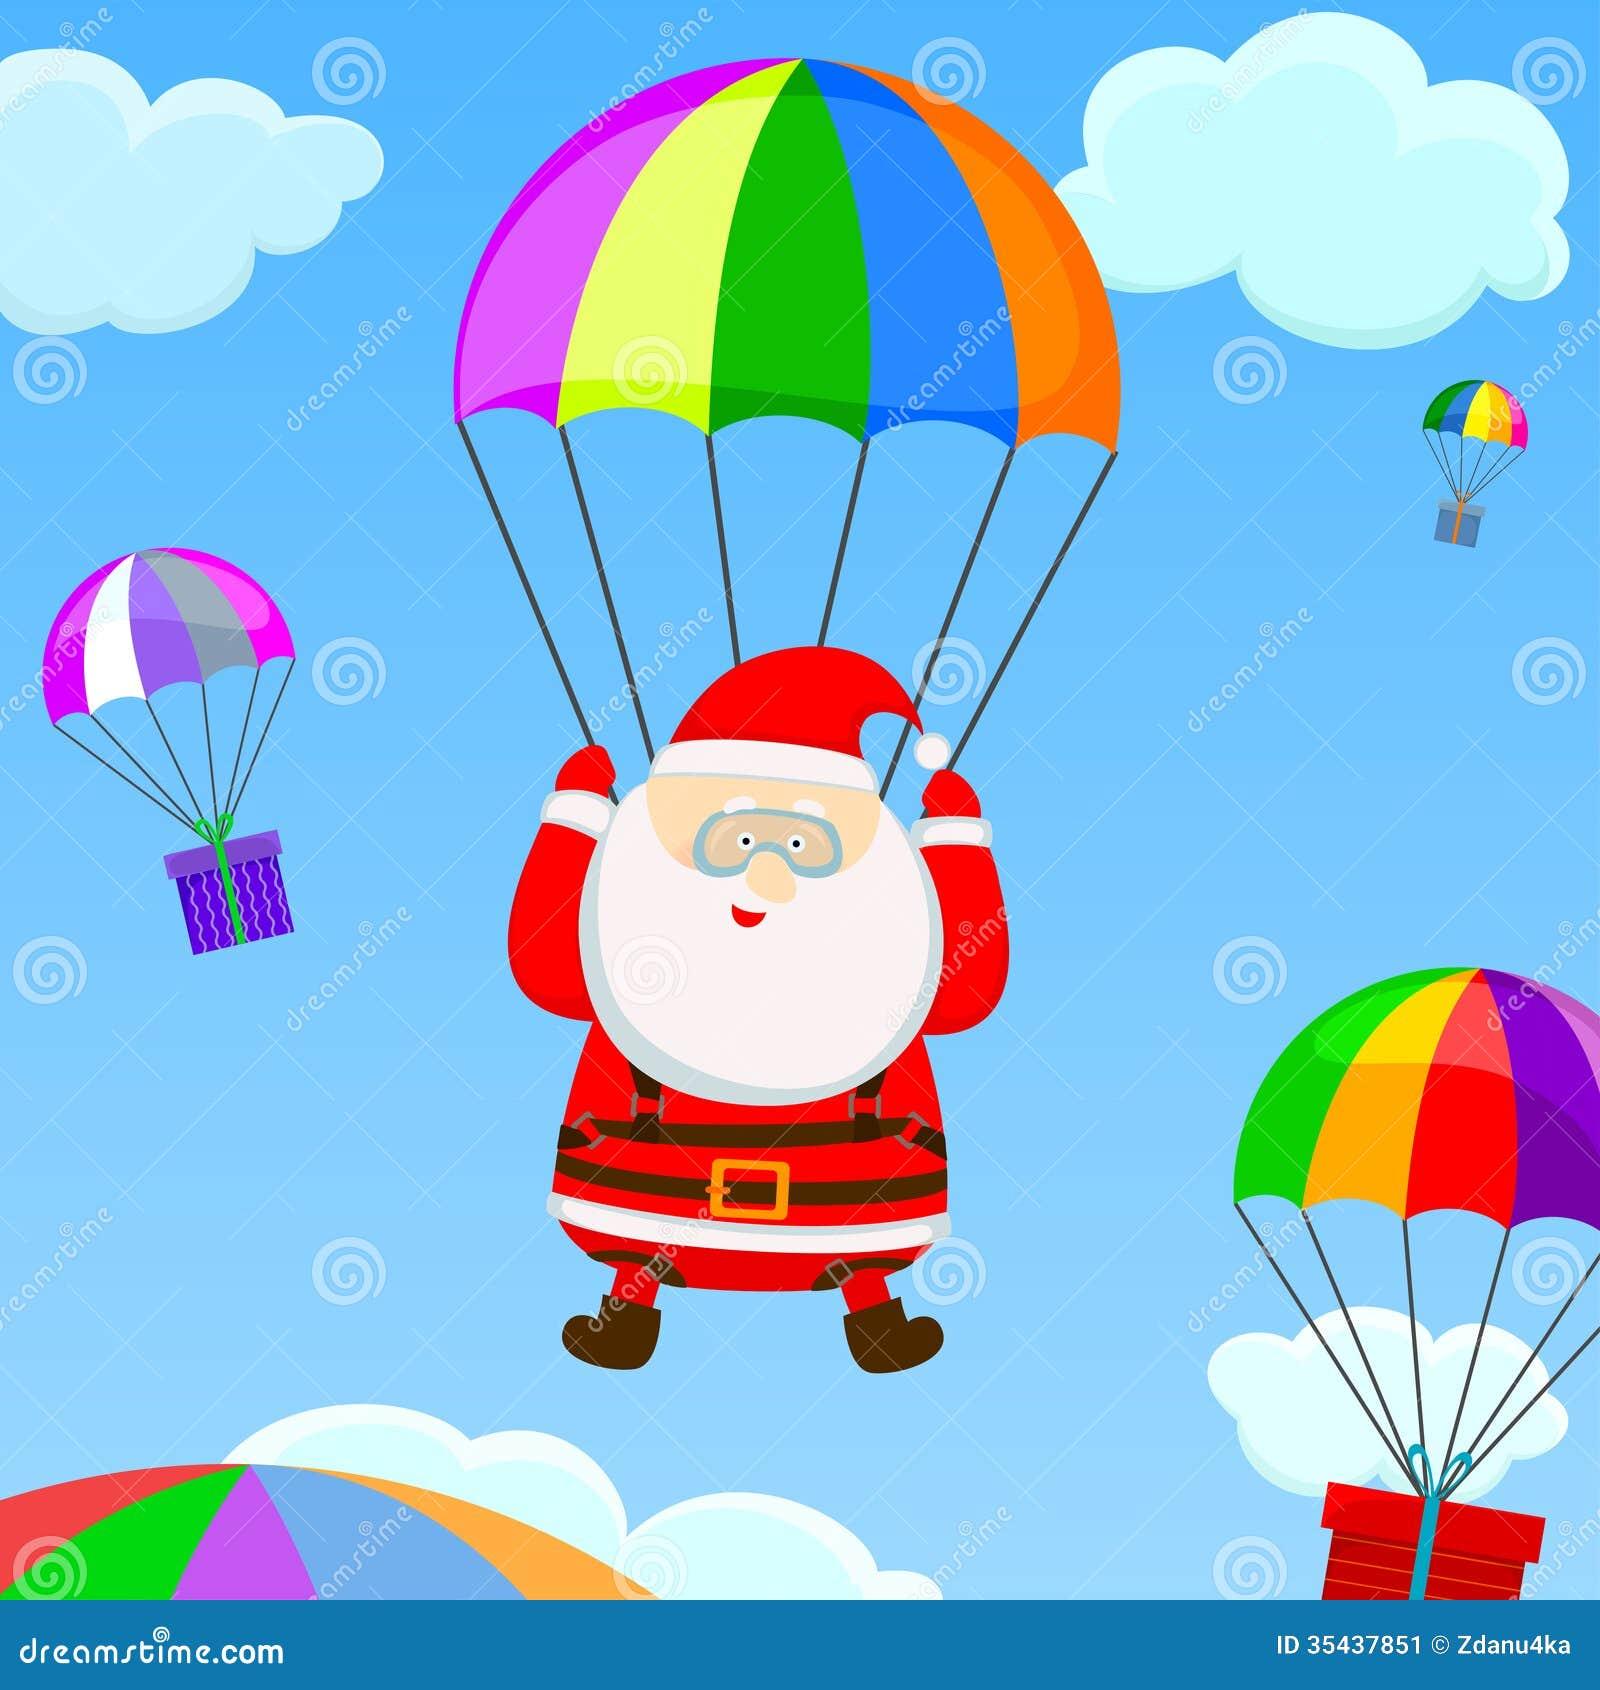 cartoon clipart parachute - photo #38